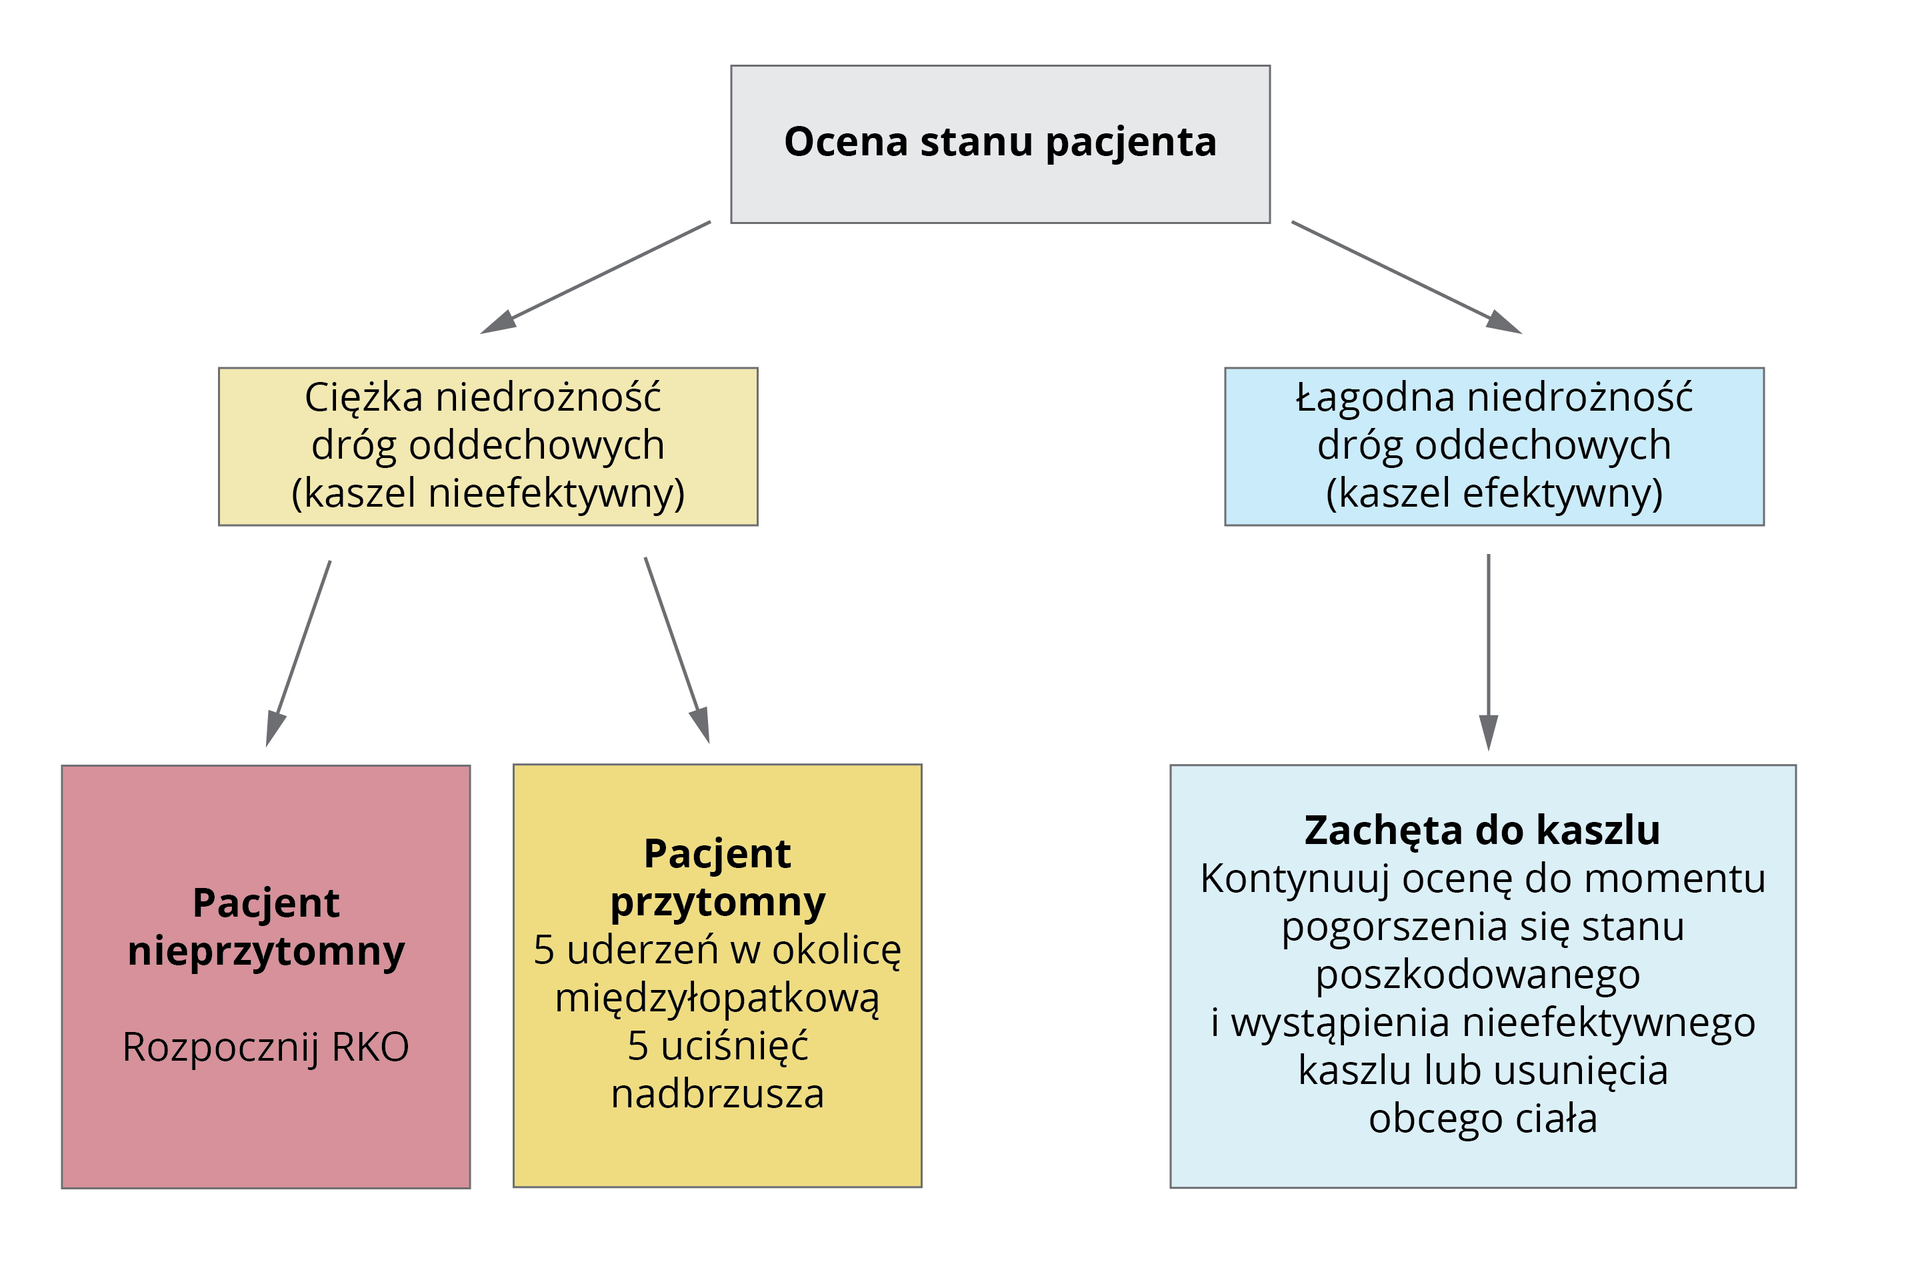 Ilustracja wformie schematu. Na górze schematu nagłówek: ocena stanu pacjenta. Poniżej dwa przypadki niedrożności dróg oddechowych. Lewa część schematu: ciężka niedrożność dróg oddechowych, kaszel nieefektywny. Poniżej podział na dwa typy pacjenta. Pierwszy typ to pacjent nieprzytomny. Rozpocznij RKO. Drugi typ to pacjent przytomny. 5 uderzeń wokolicę międzyłopatkową. 5 uciśnięć nadbrzusza. Prawa część schematu: łagodna niedrożność dróg oddechowych, kaszel efektywny. Poniżej instrukcja: zachęta do kaszlu. Kontynuuj ocenę do momentu pogorszenia się stanu poszkodowanego iwystąpienia nieefektywnego kaszlu lub usunięcia obcego ciała.